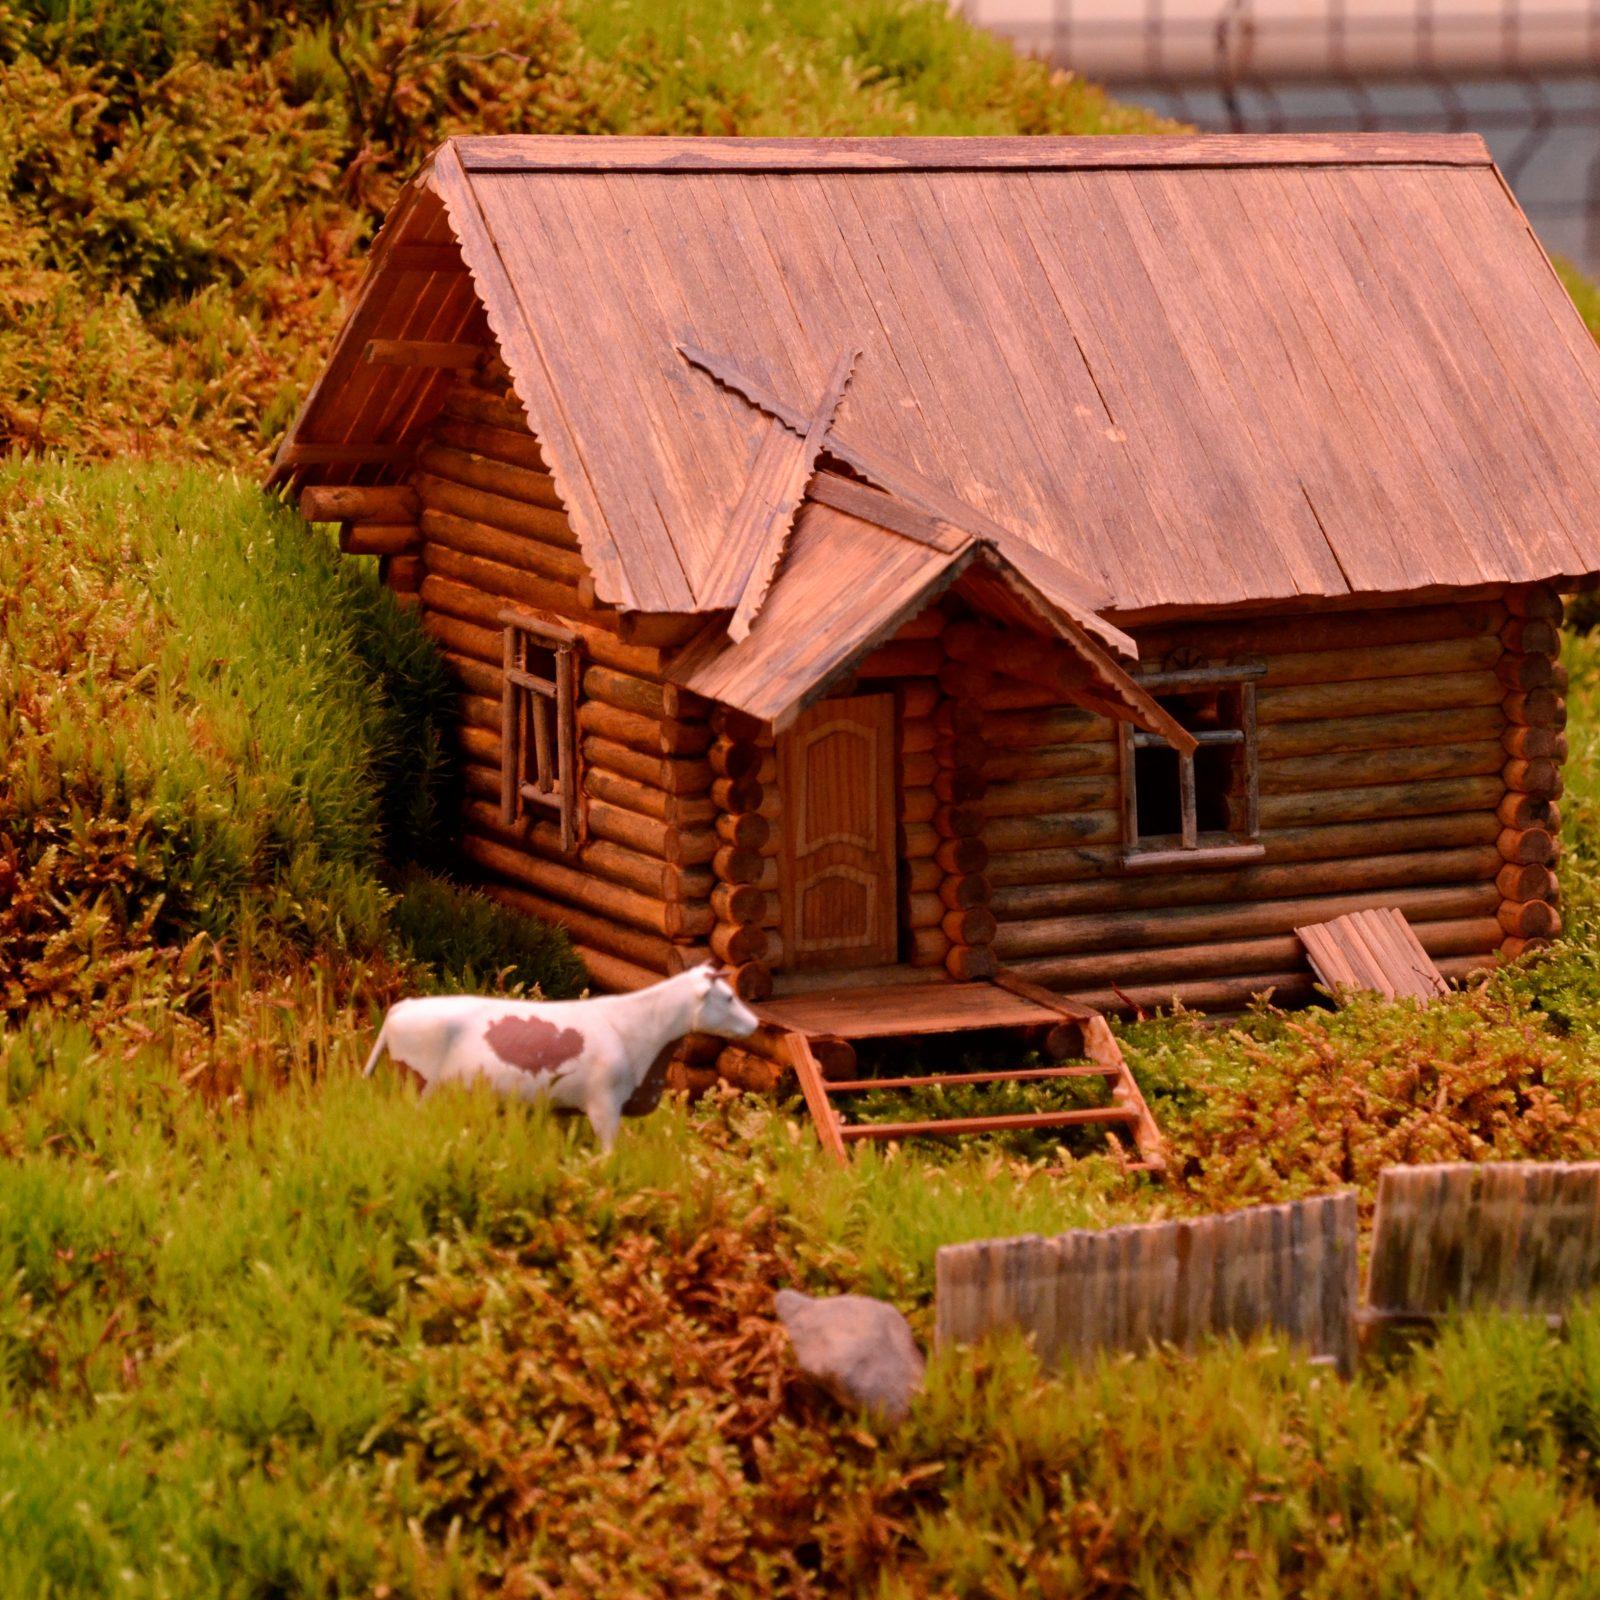 На выставке можно найти миниатюрную имитацию голландской деревни. На небольшом холме из мха установили деревянные домики. Фото: Анна Быкова